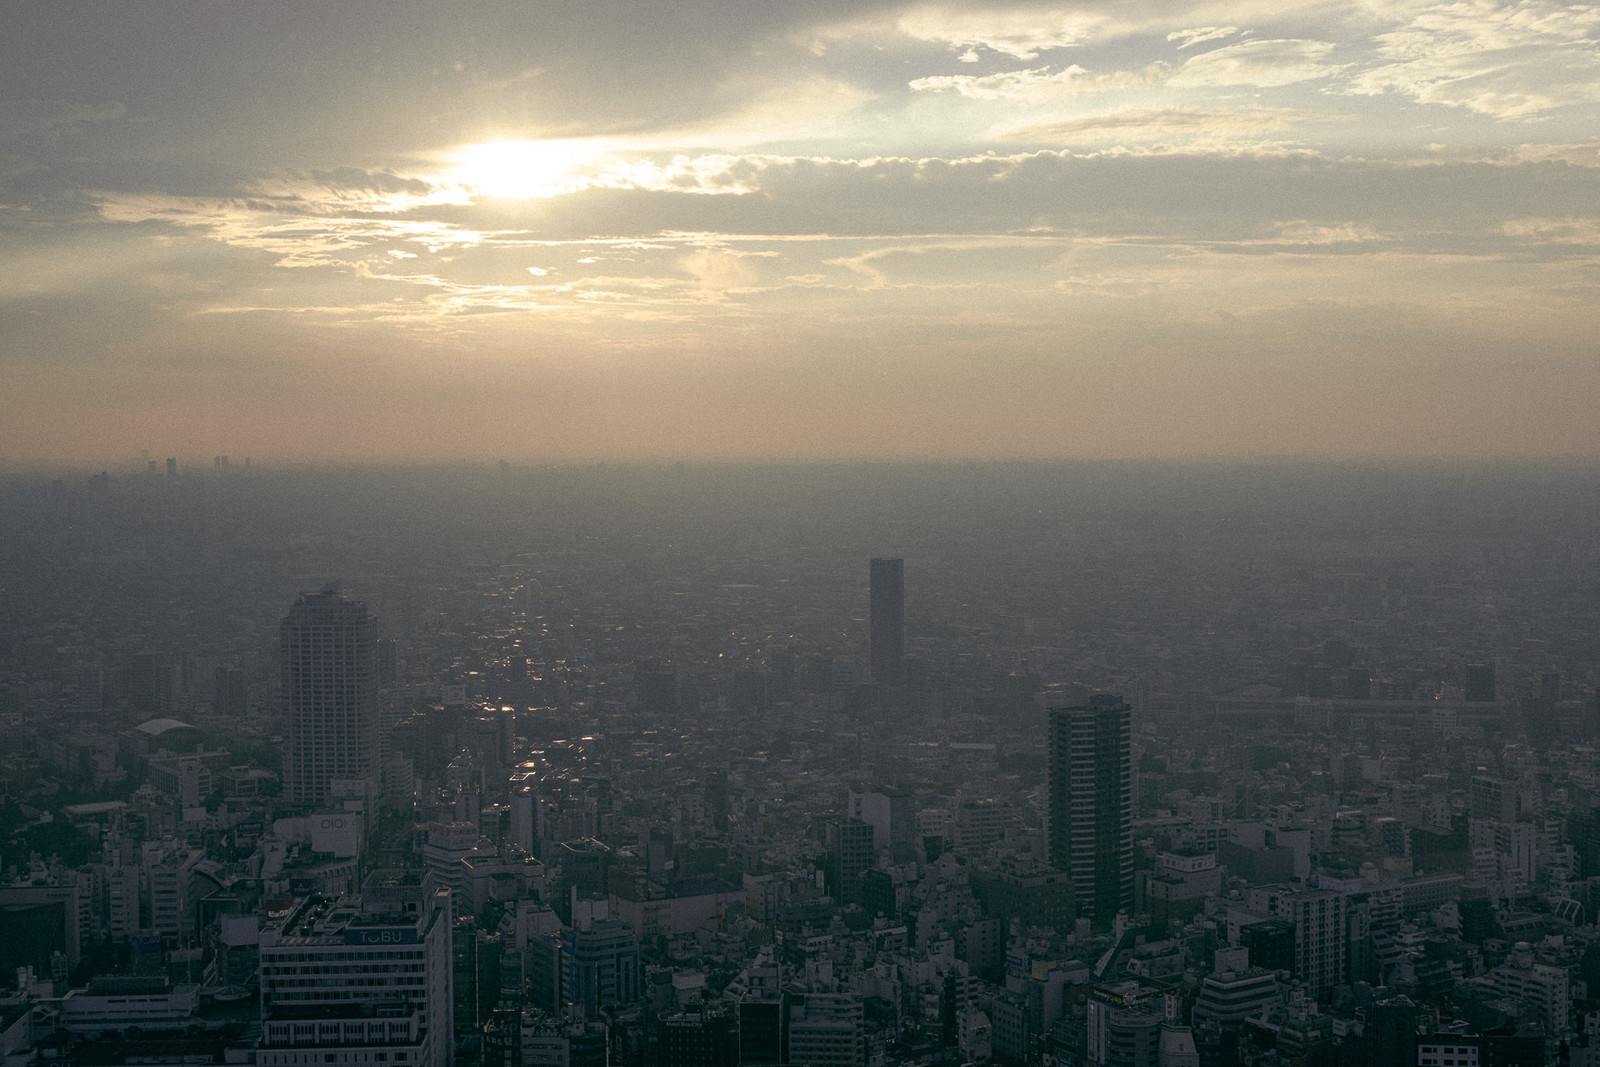 「夕暮れの都市部」の写真